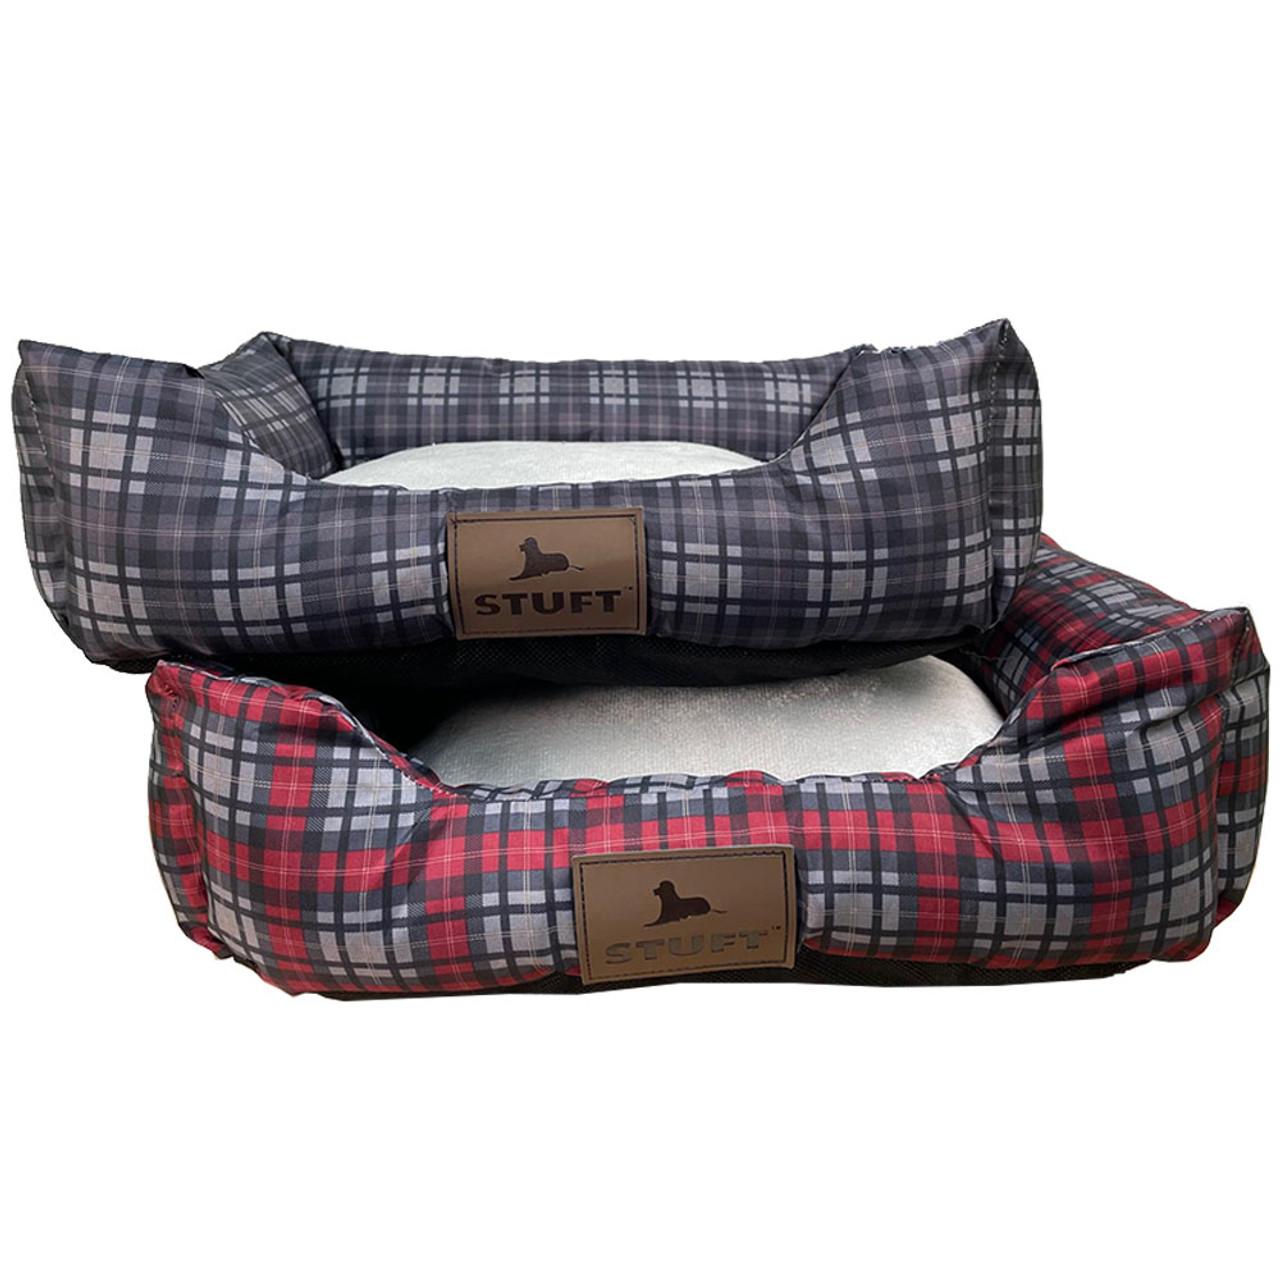 Stuft Cuddler Dog Bed, Assorted